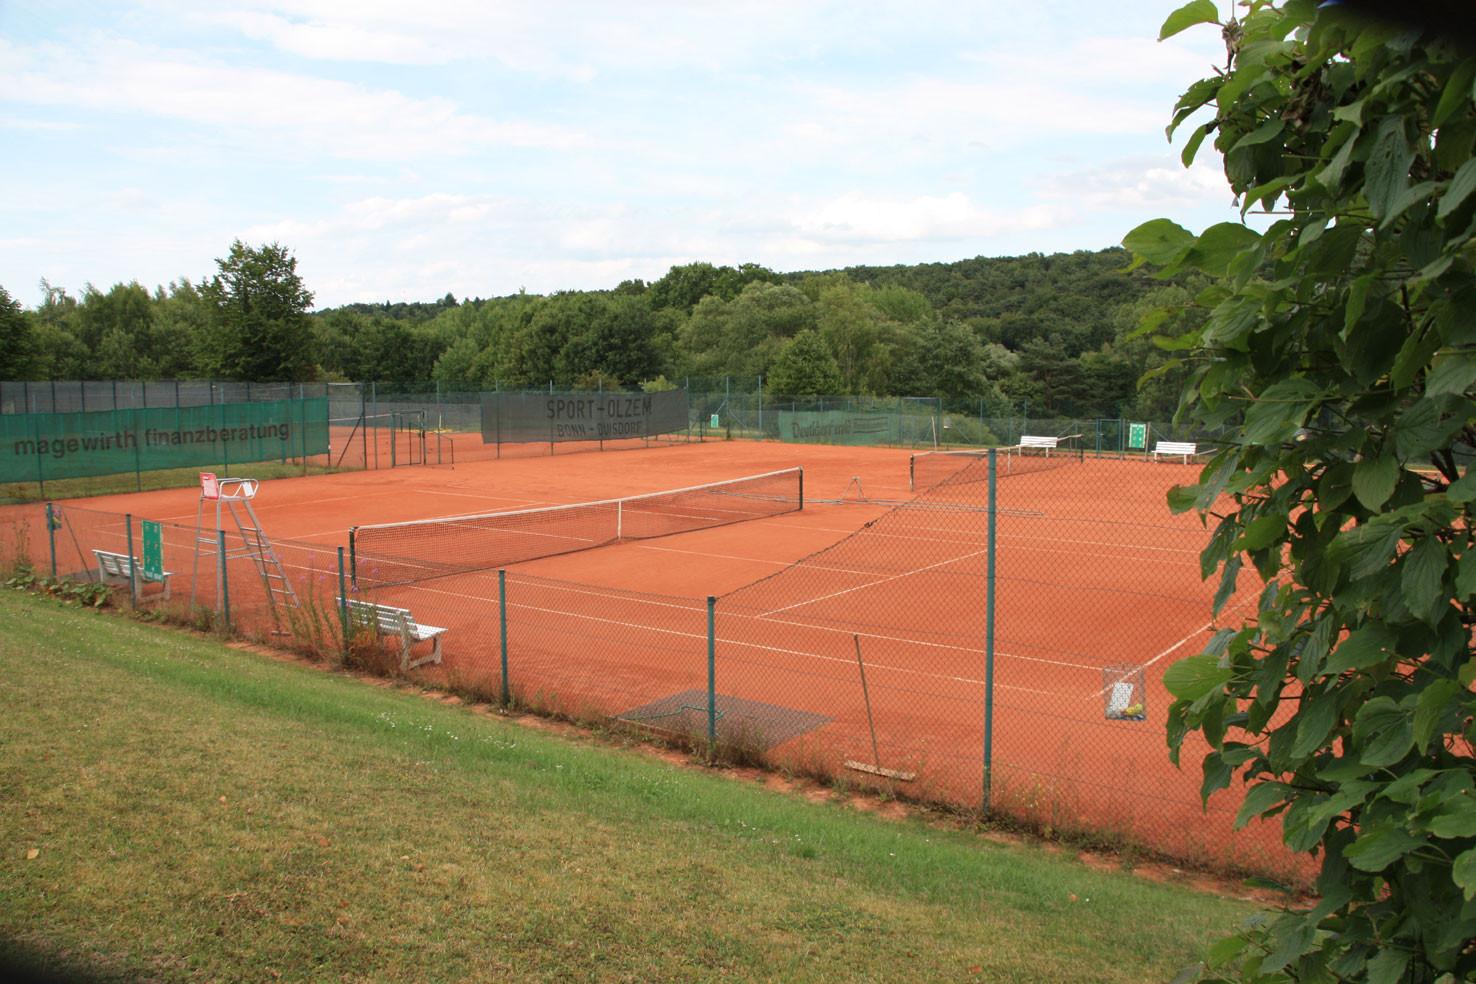 Tennisplätze in Röttgen